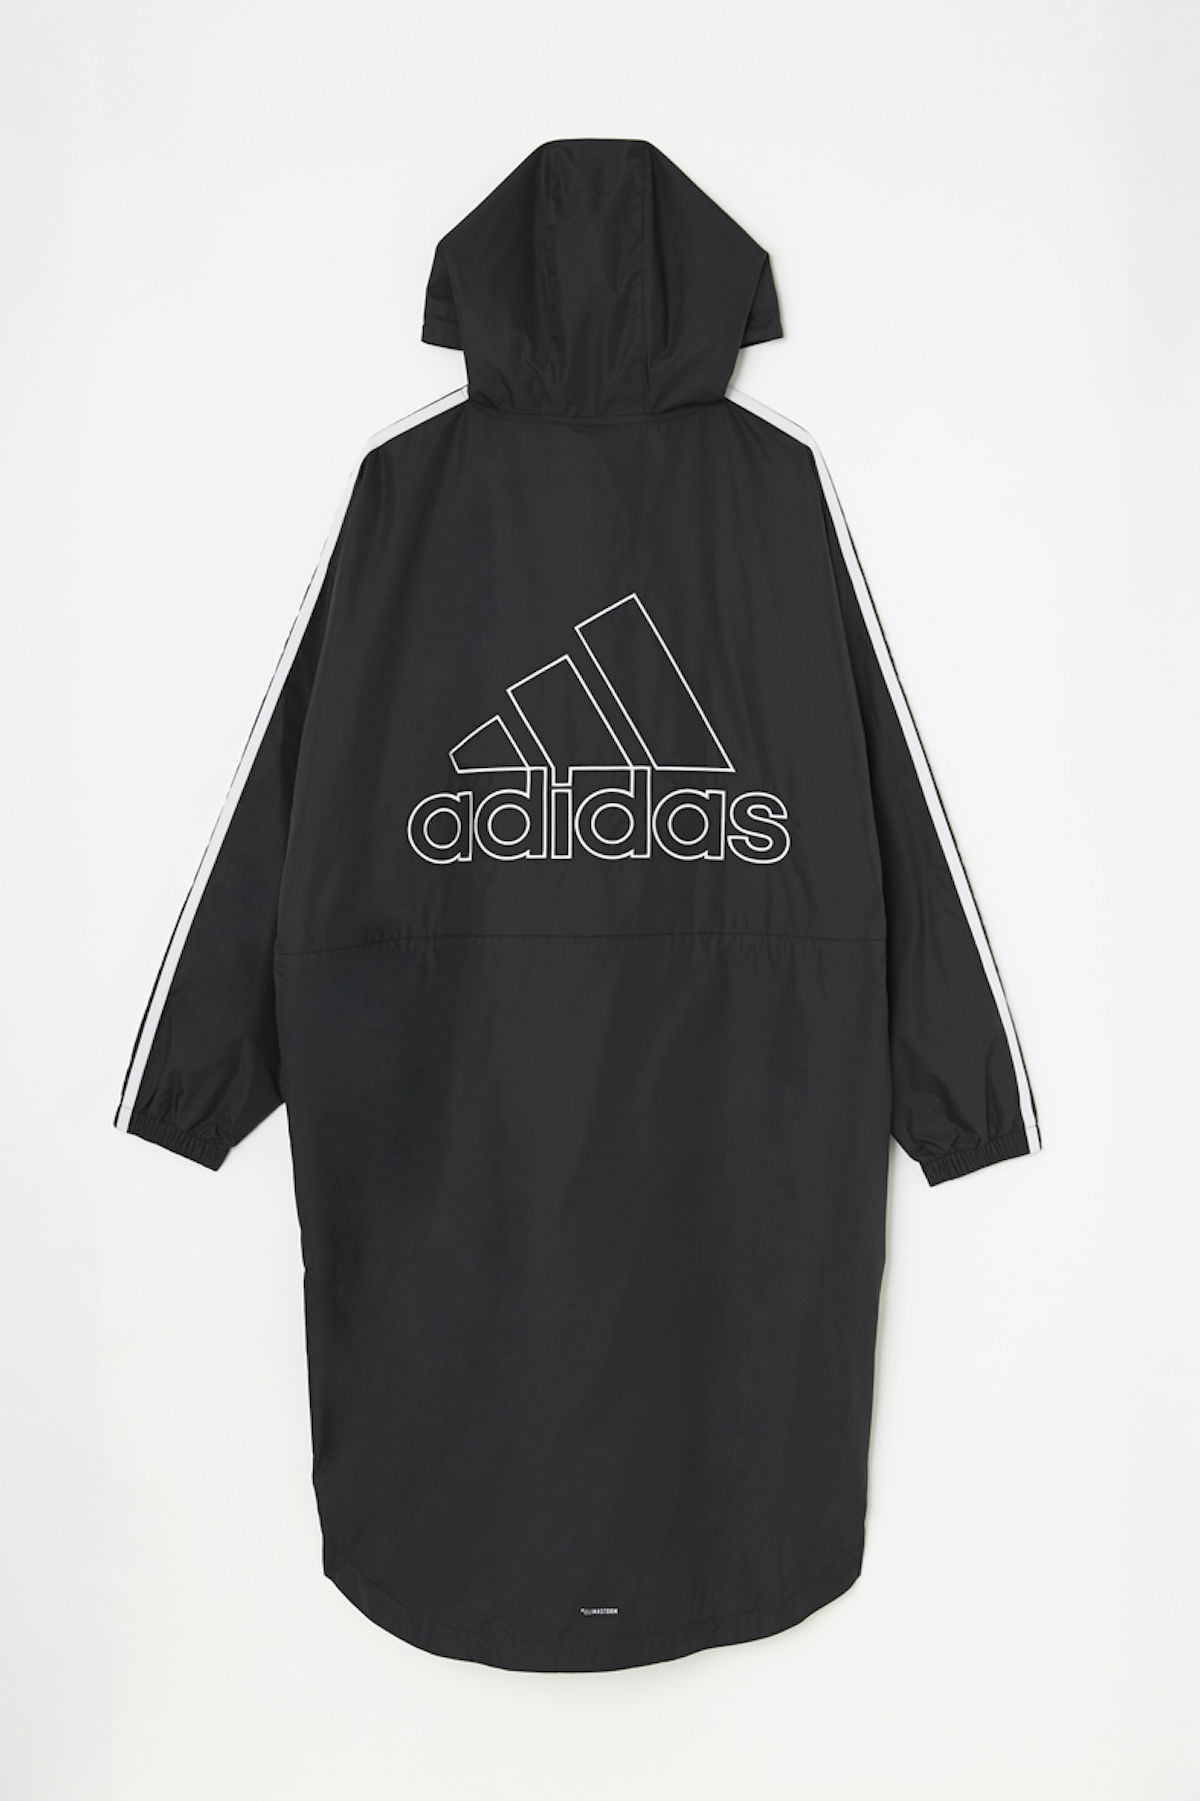 adidas×MOUSSY 第3弾コレクション発売決定!ファッションとスポーツの融合を体現したコレクション life180223_adidas_moussy_09-1200x1801